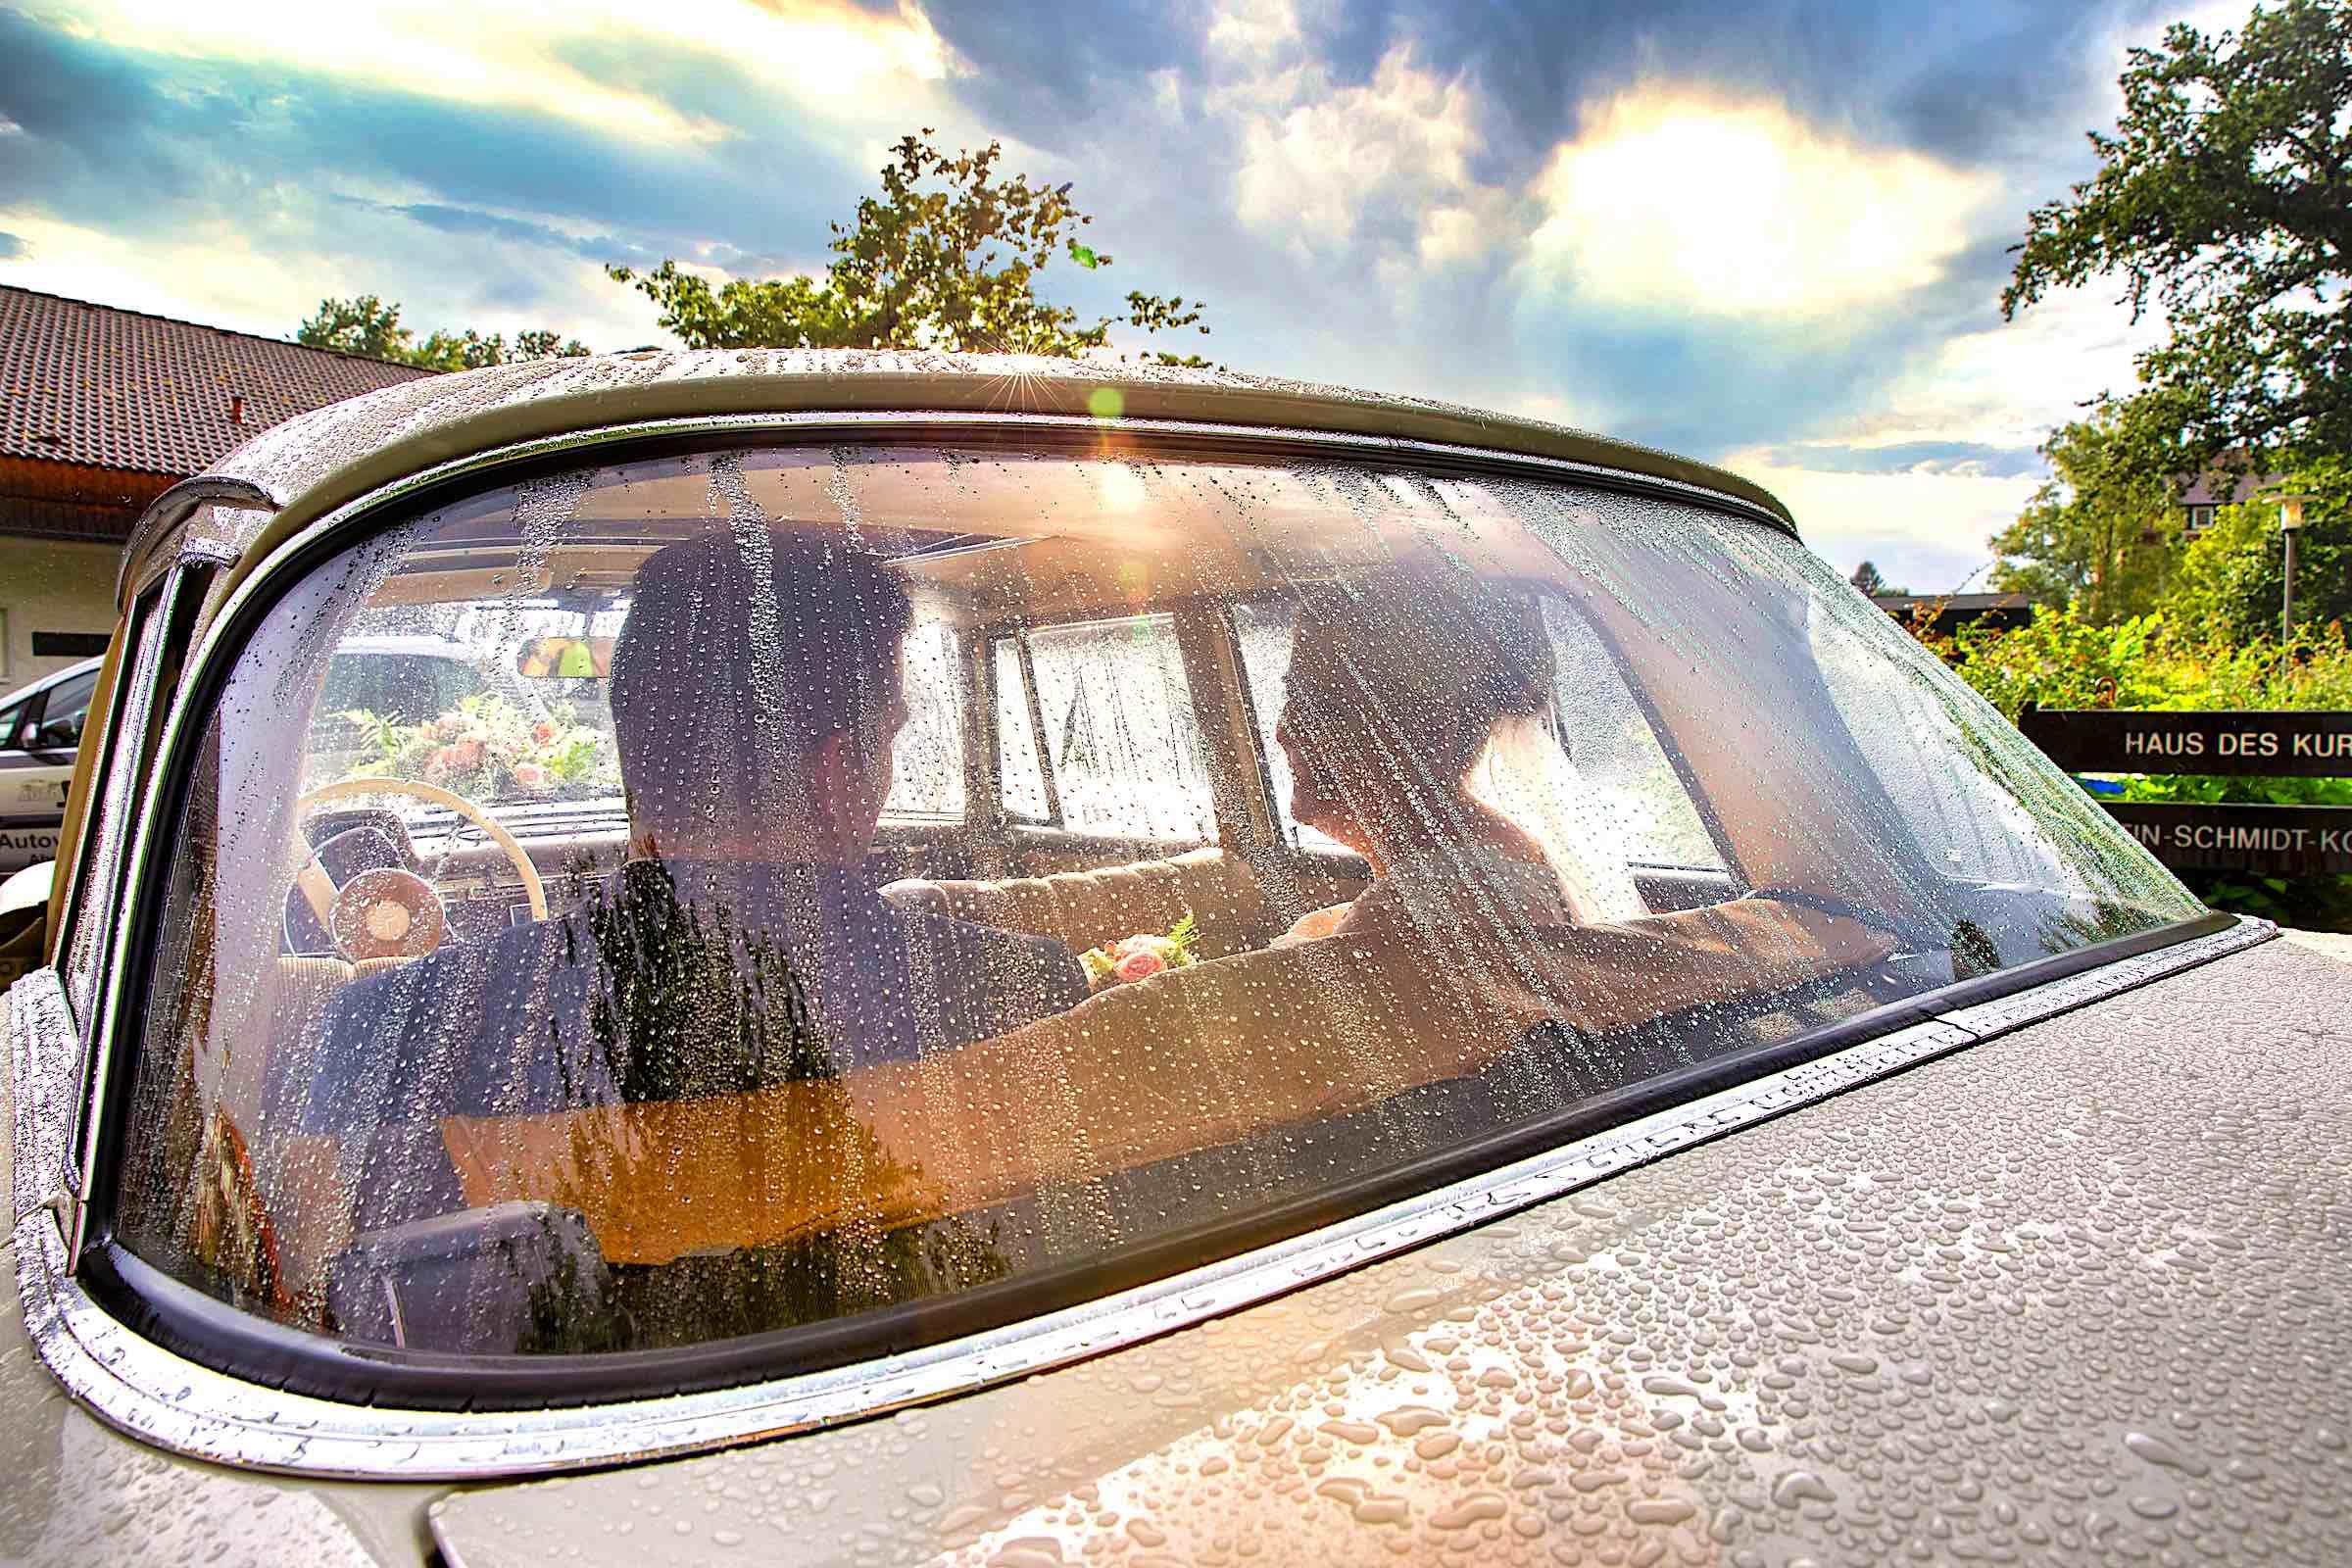 Fotograf | Hochzeit | Braunschweig | Hameln | Celle | Hannover | Peine | Marc | Cherestal | Hochzeit | Hochzeitsfotografie | Hochzeitsreportage | Fotografie | Mieten | Buchen | Lehmann | Eventservice